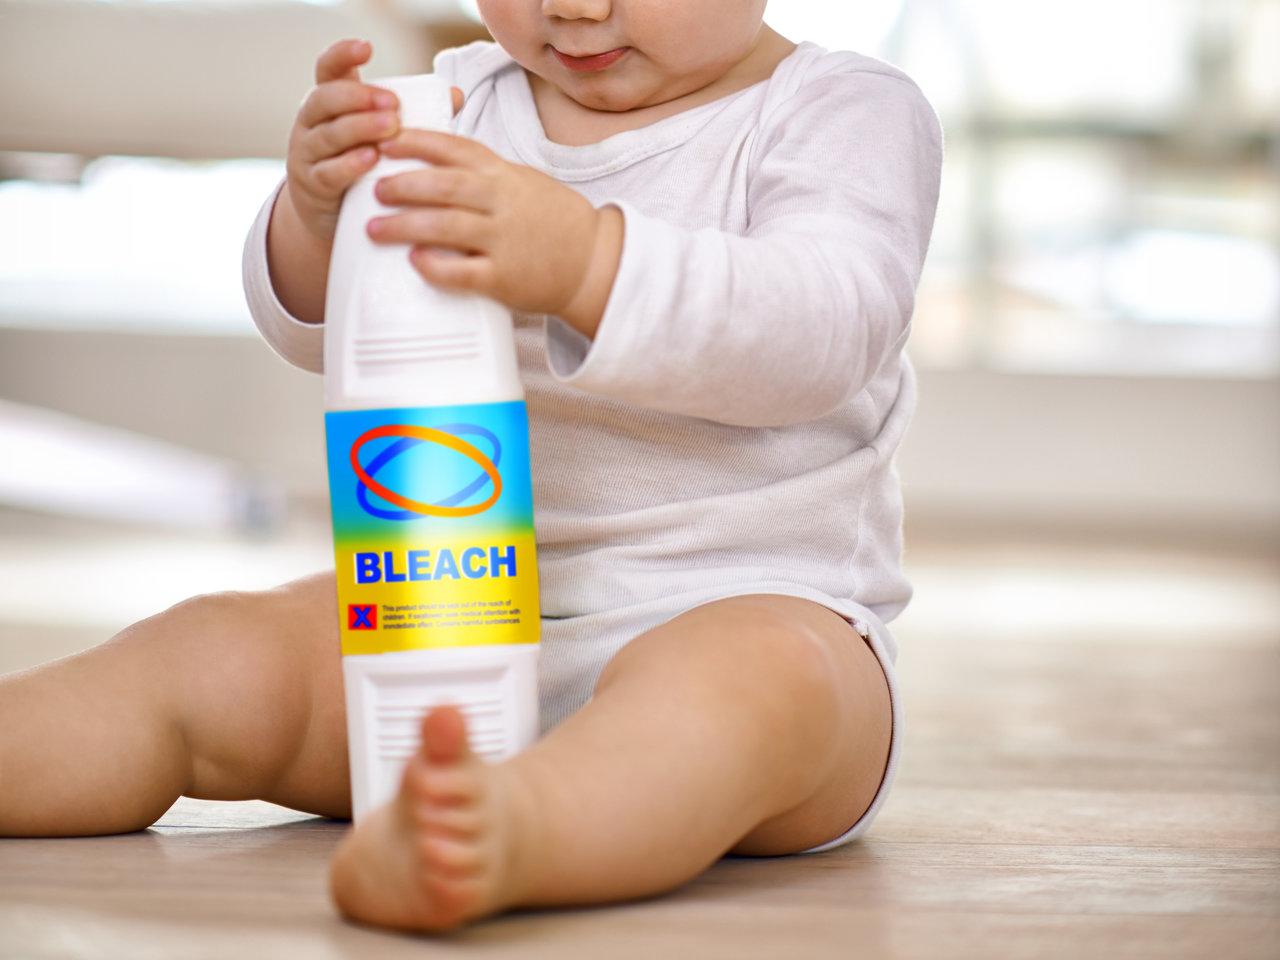 塩素系漂白剤の危険な扱い方とは?育児中のママが使うときの注意点